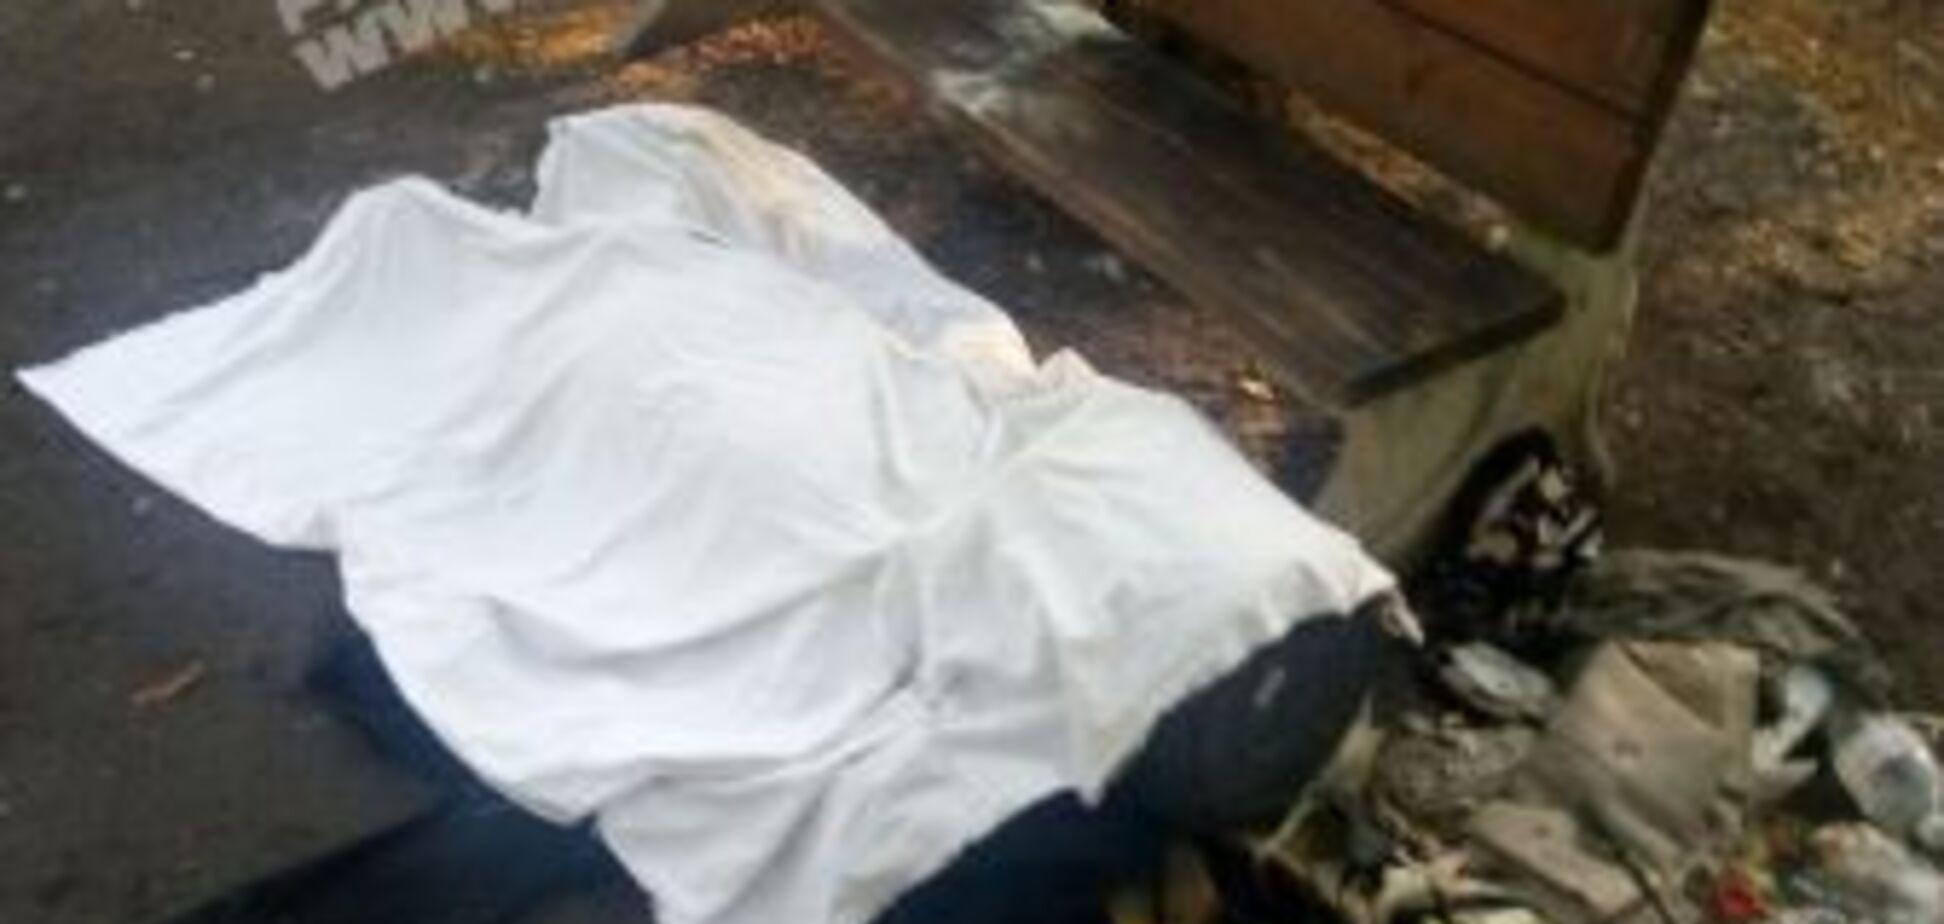 В Днепре возле больницы нашли тело мужчины с урной на голове. Фото 18+